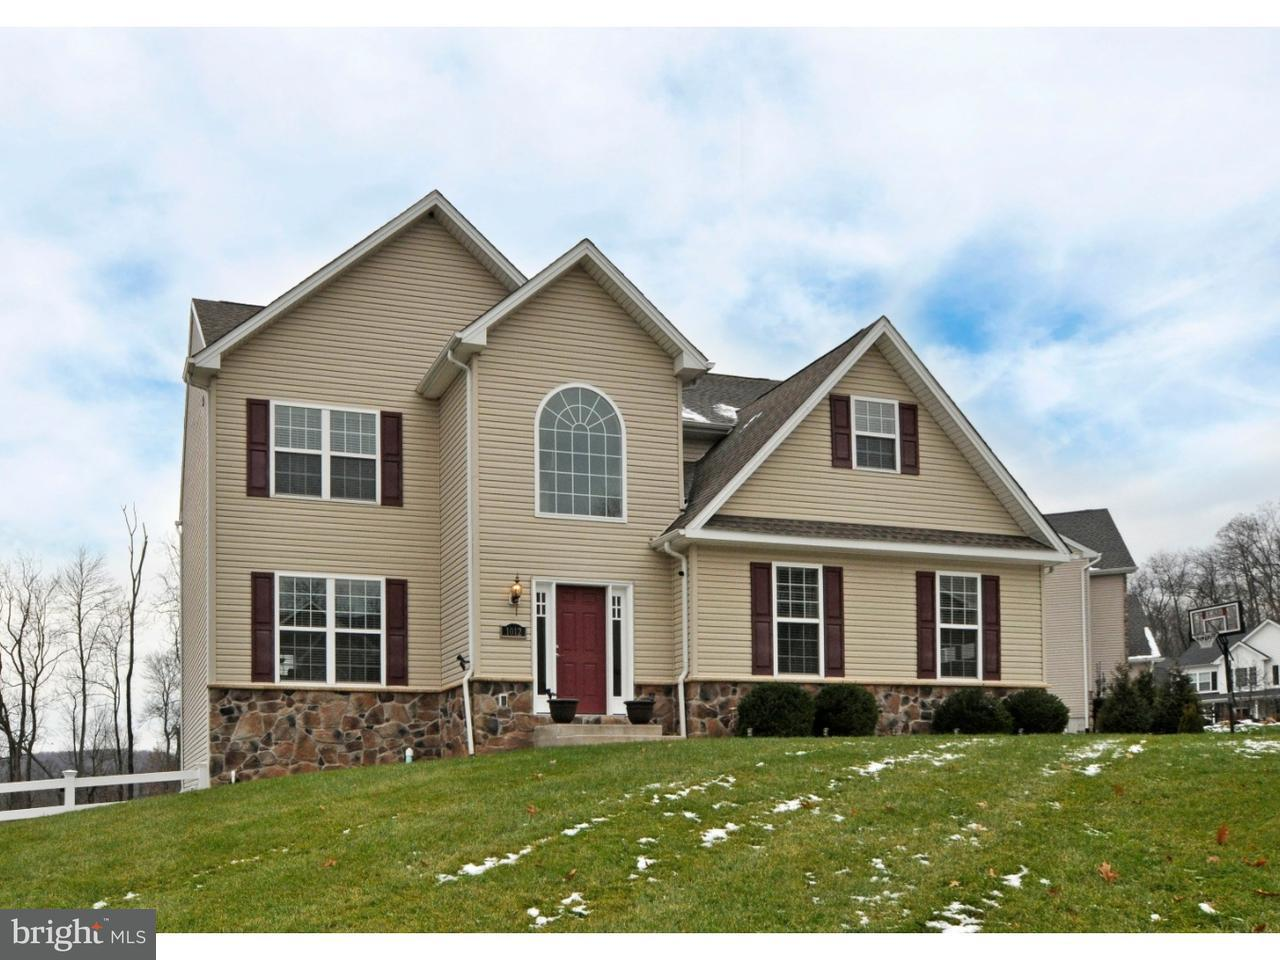 独户住宅 为 销售 在 1012 VICTOR Drive East Greenville, 宾夕法尼亚州 18041 美国